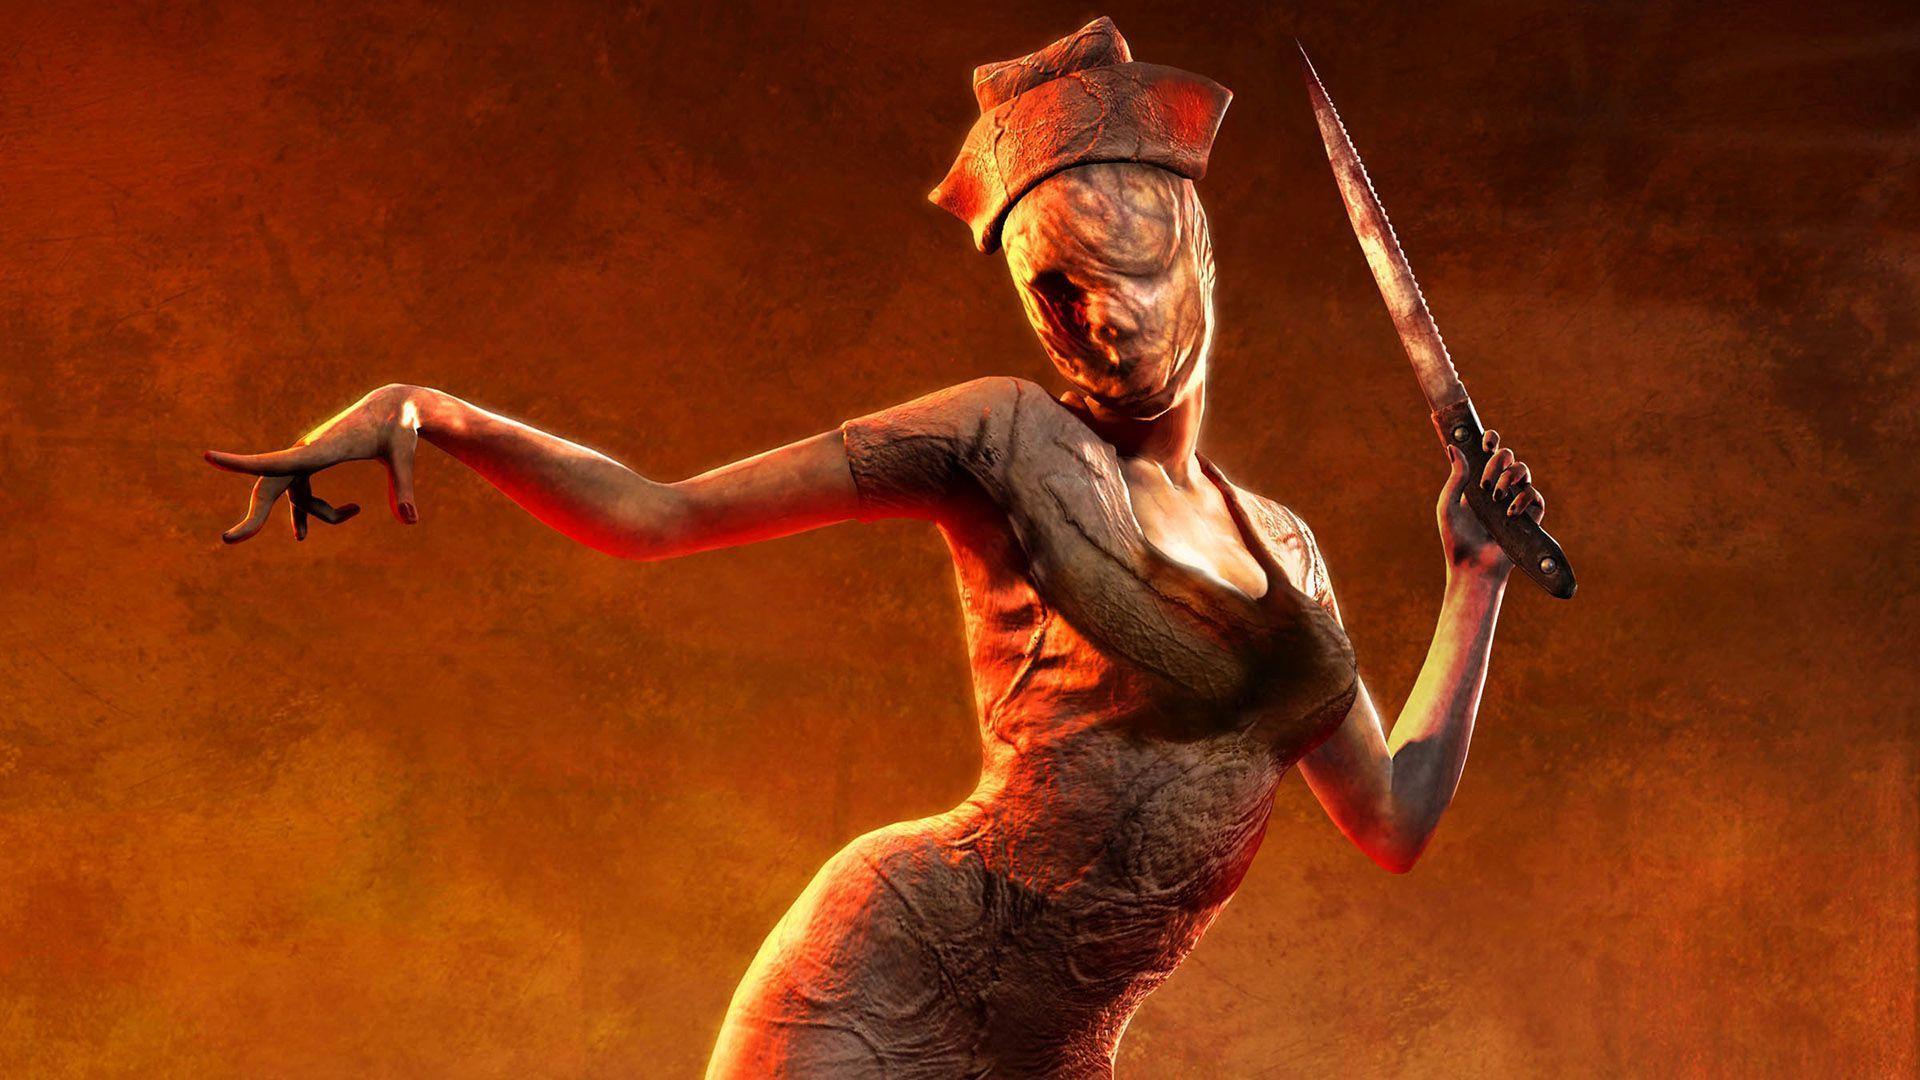 Фанат показал свой ремейк Silent Hill с графикой на движке Unreal Engine 4